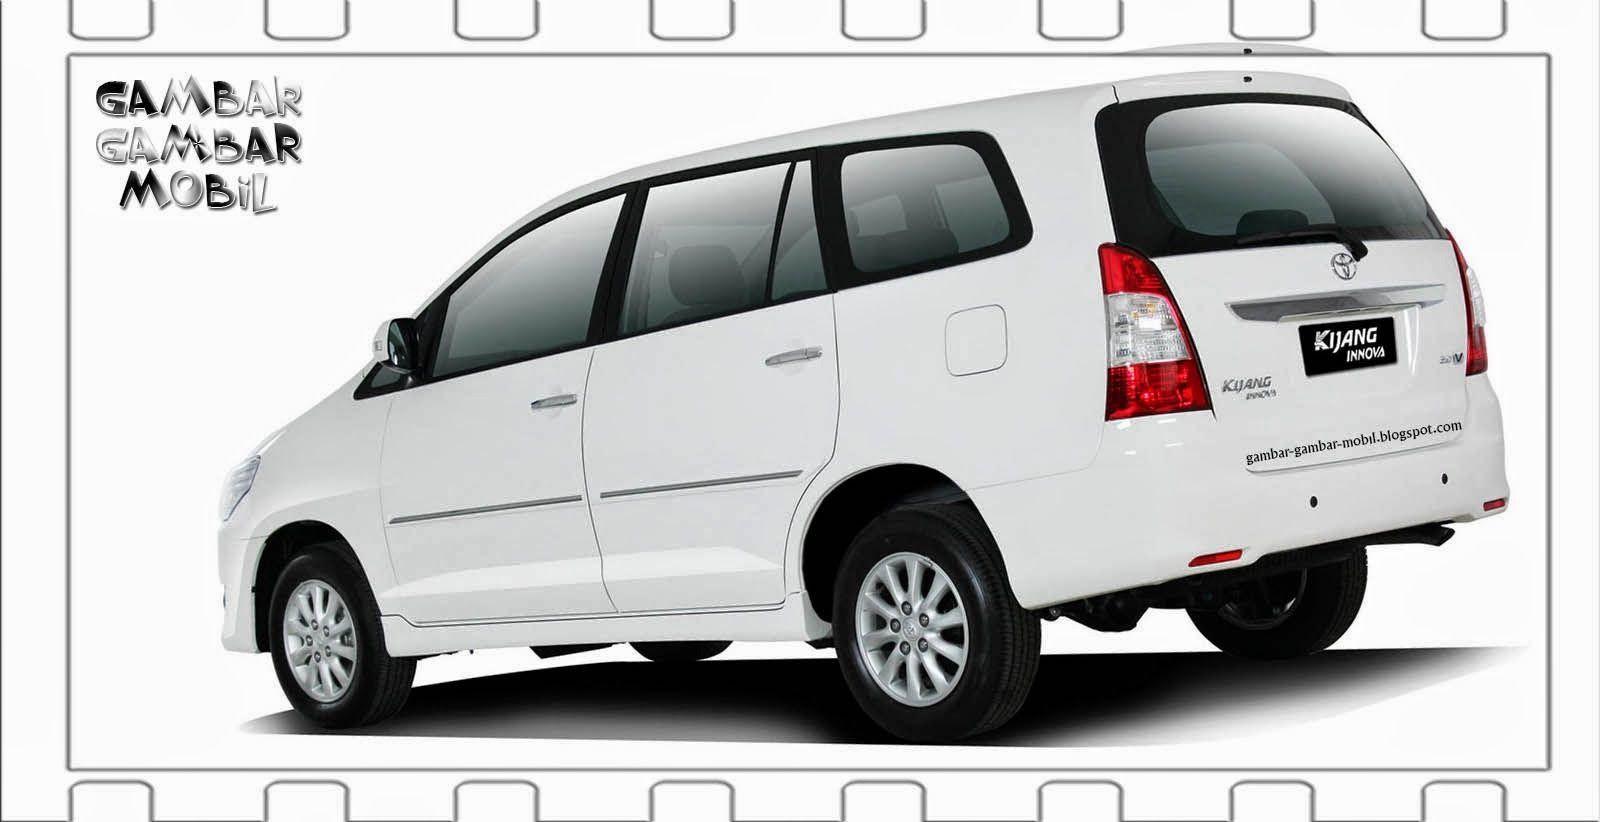 Gambar Mobil Kijang Inova Gambar Gambar Mobil Mobil Kijang Toyota